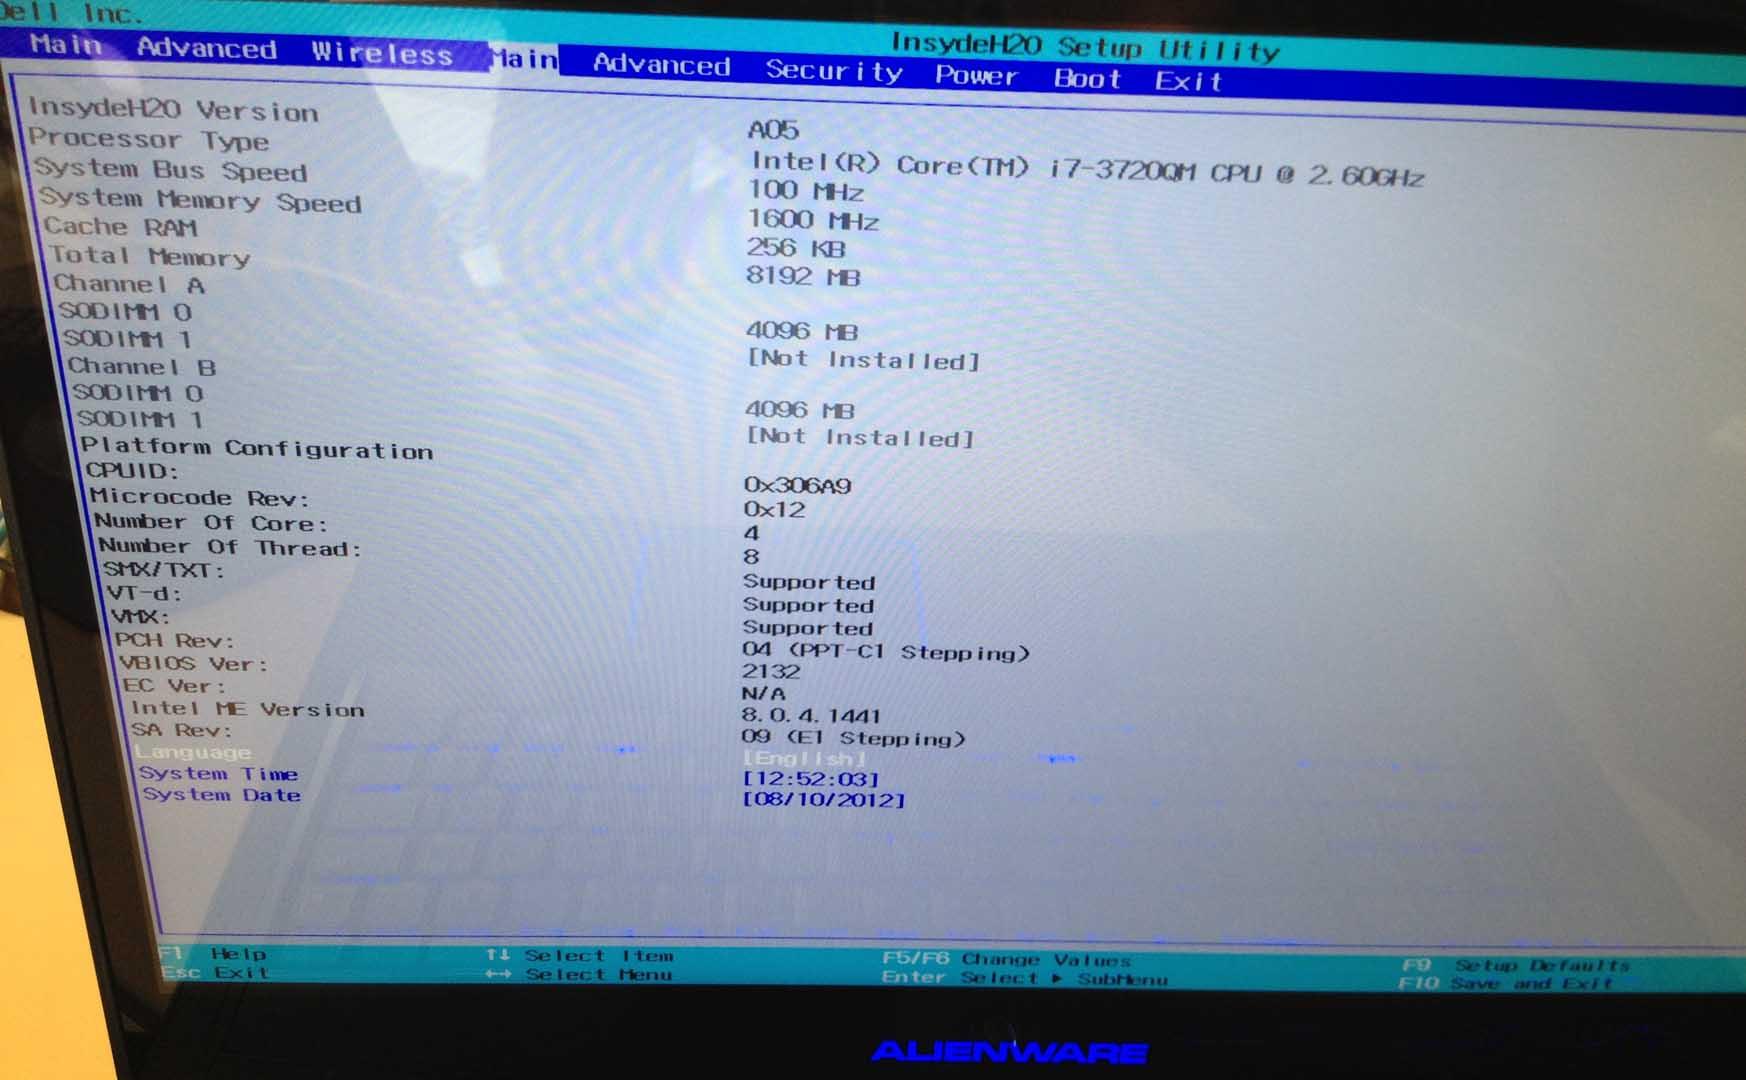 M17x R4] - 'unlocked' BIOS versions - Page 25 - Alienware